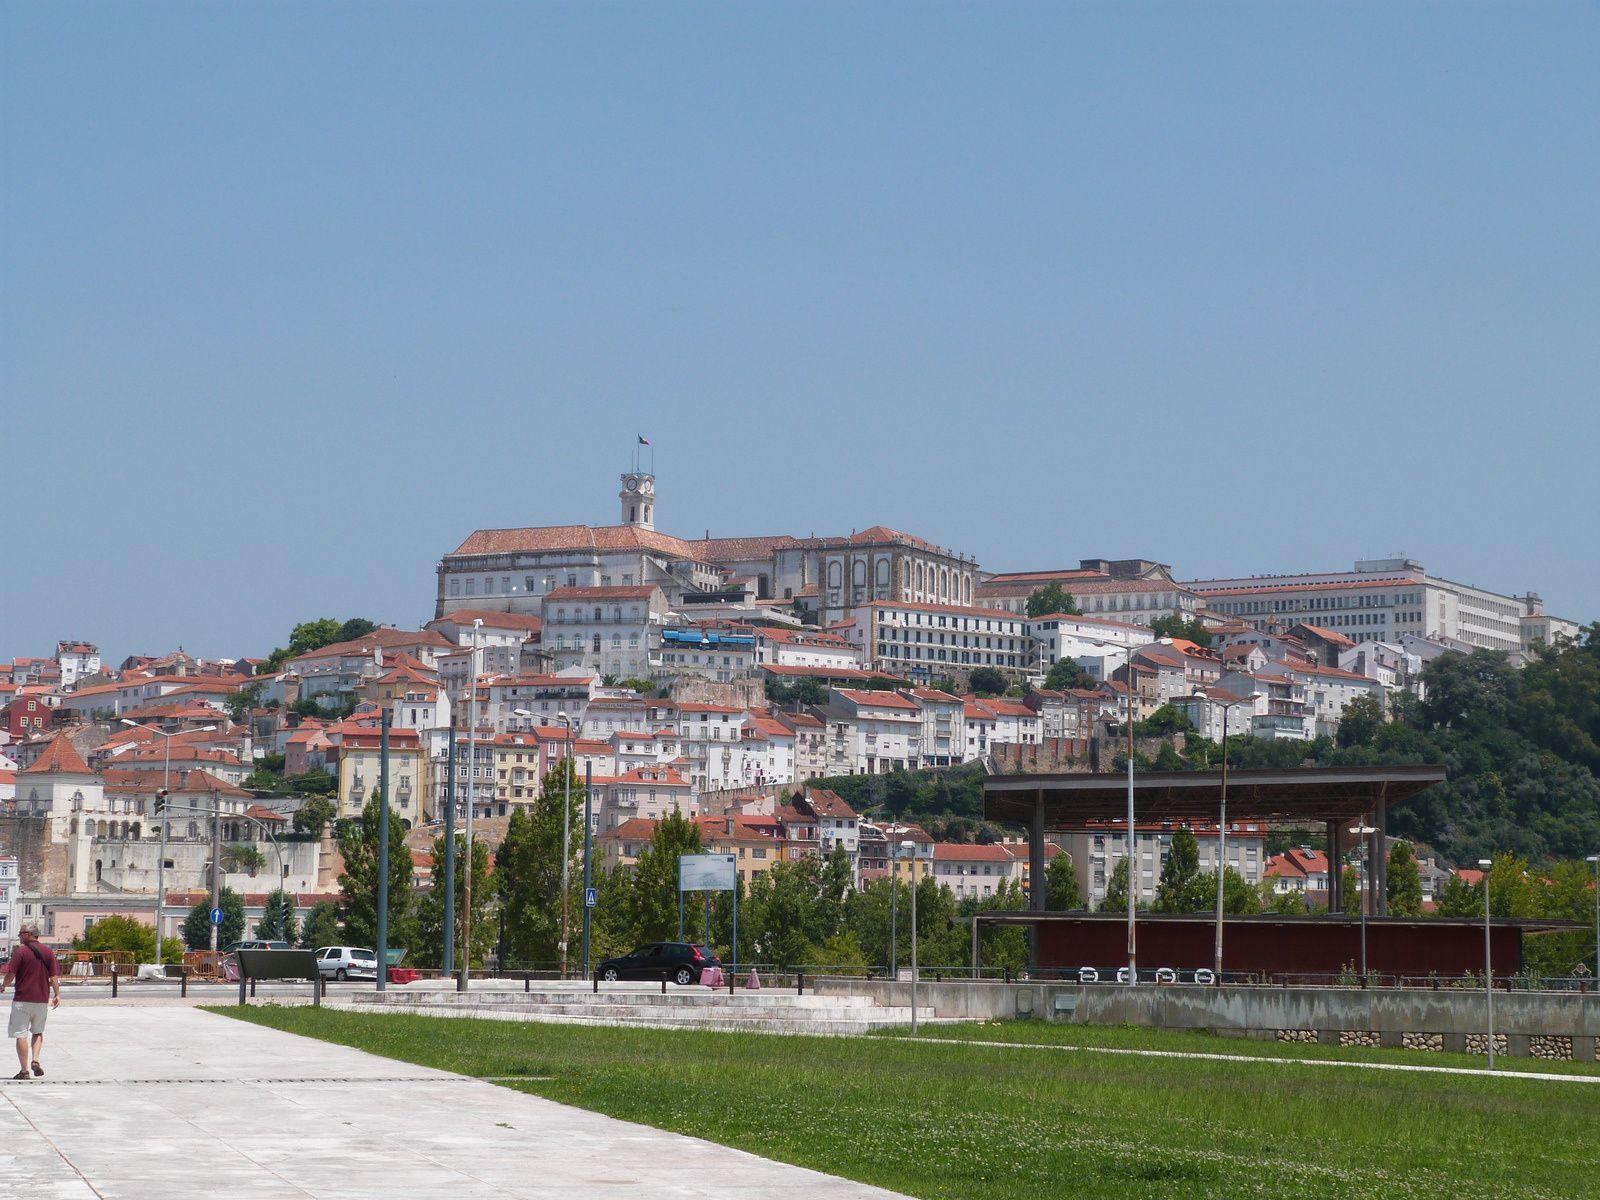 L'Université vue de l'autre côté du Rio Mondego